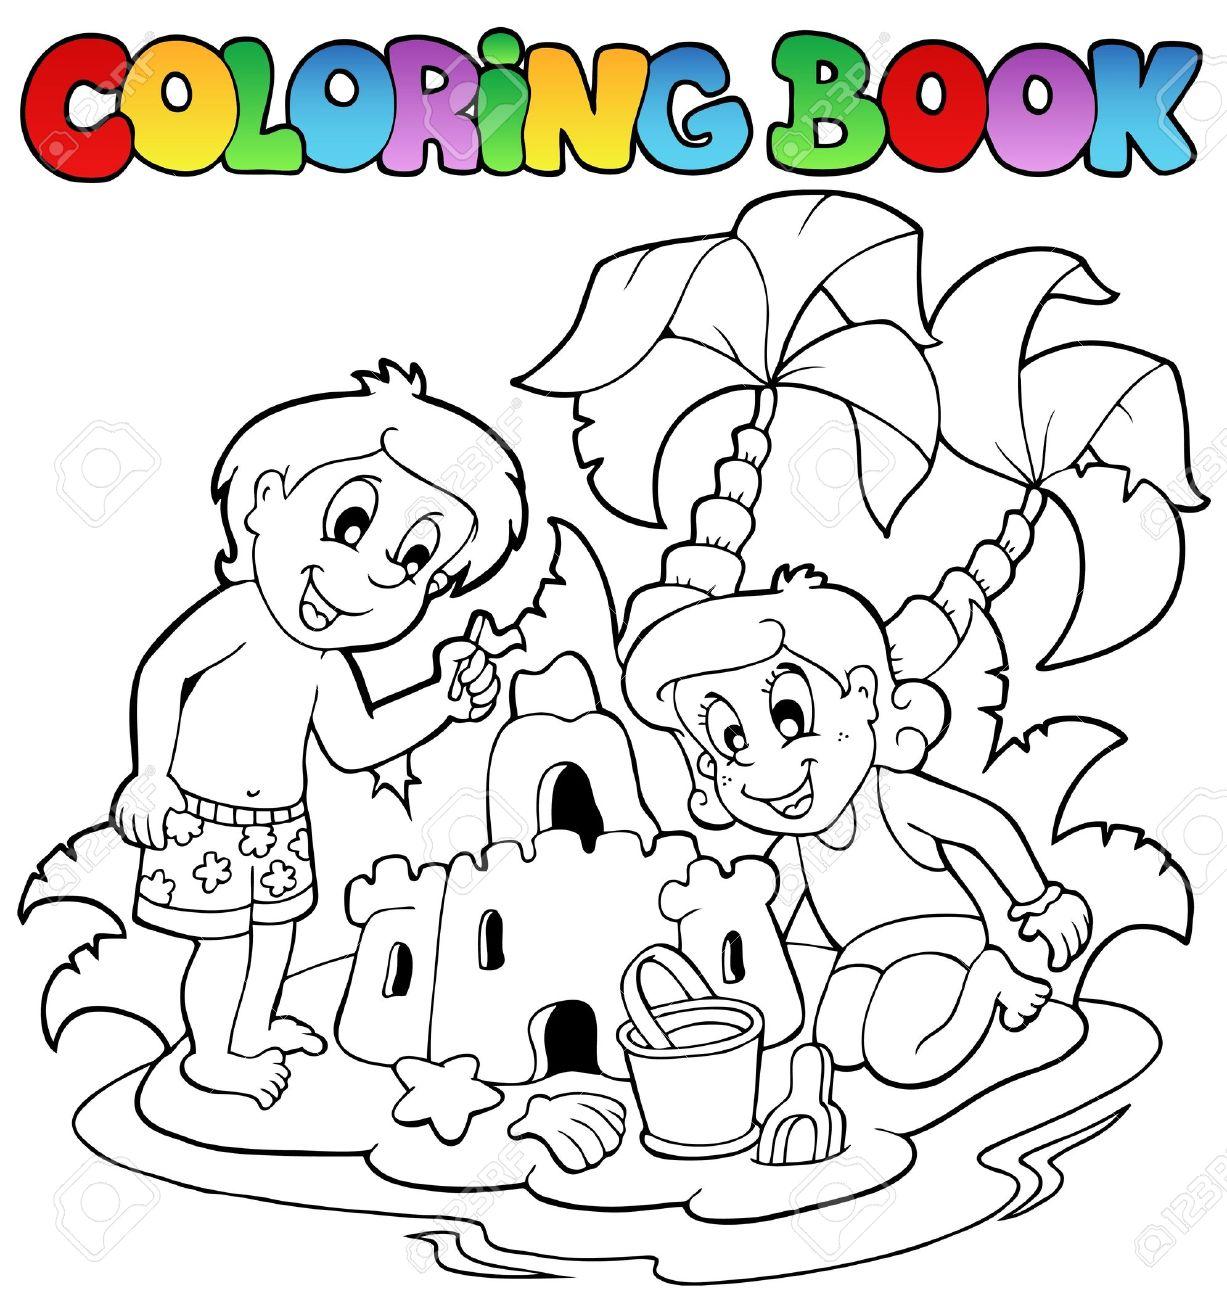 Libro Para Colorear Con El Tema Del Verano 1 - Ilustración Vectorial ...